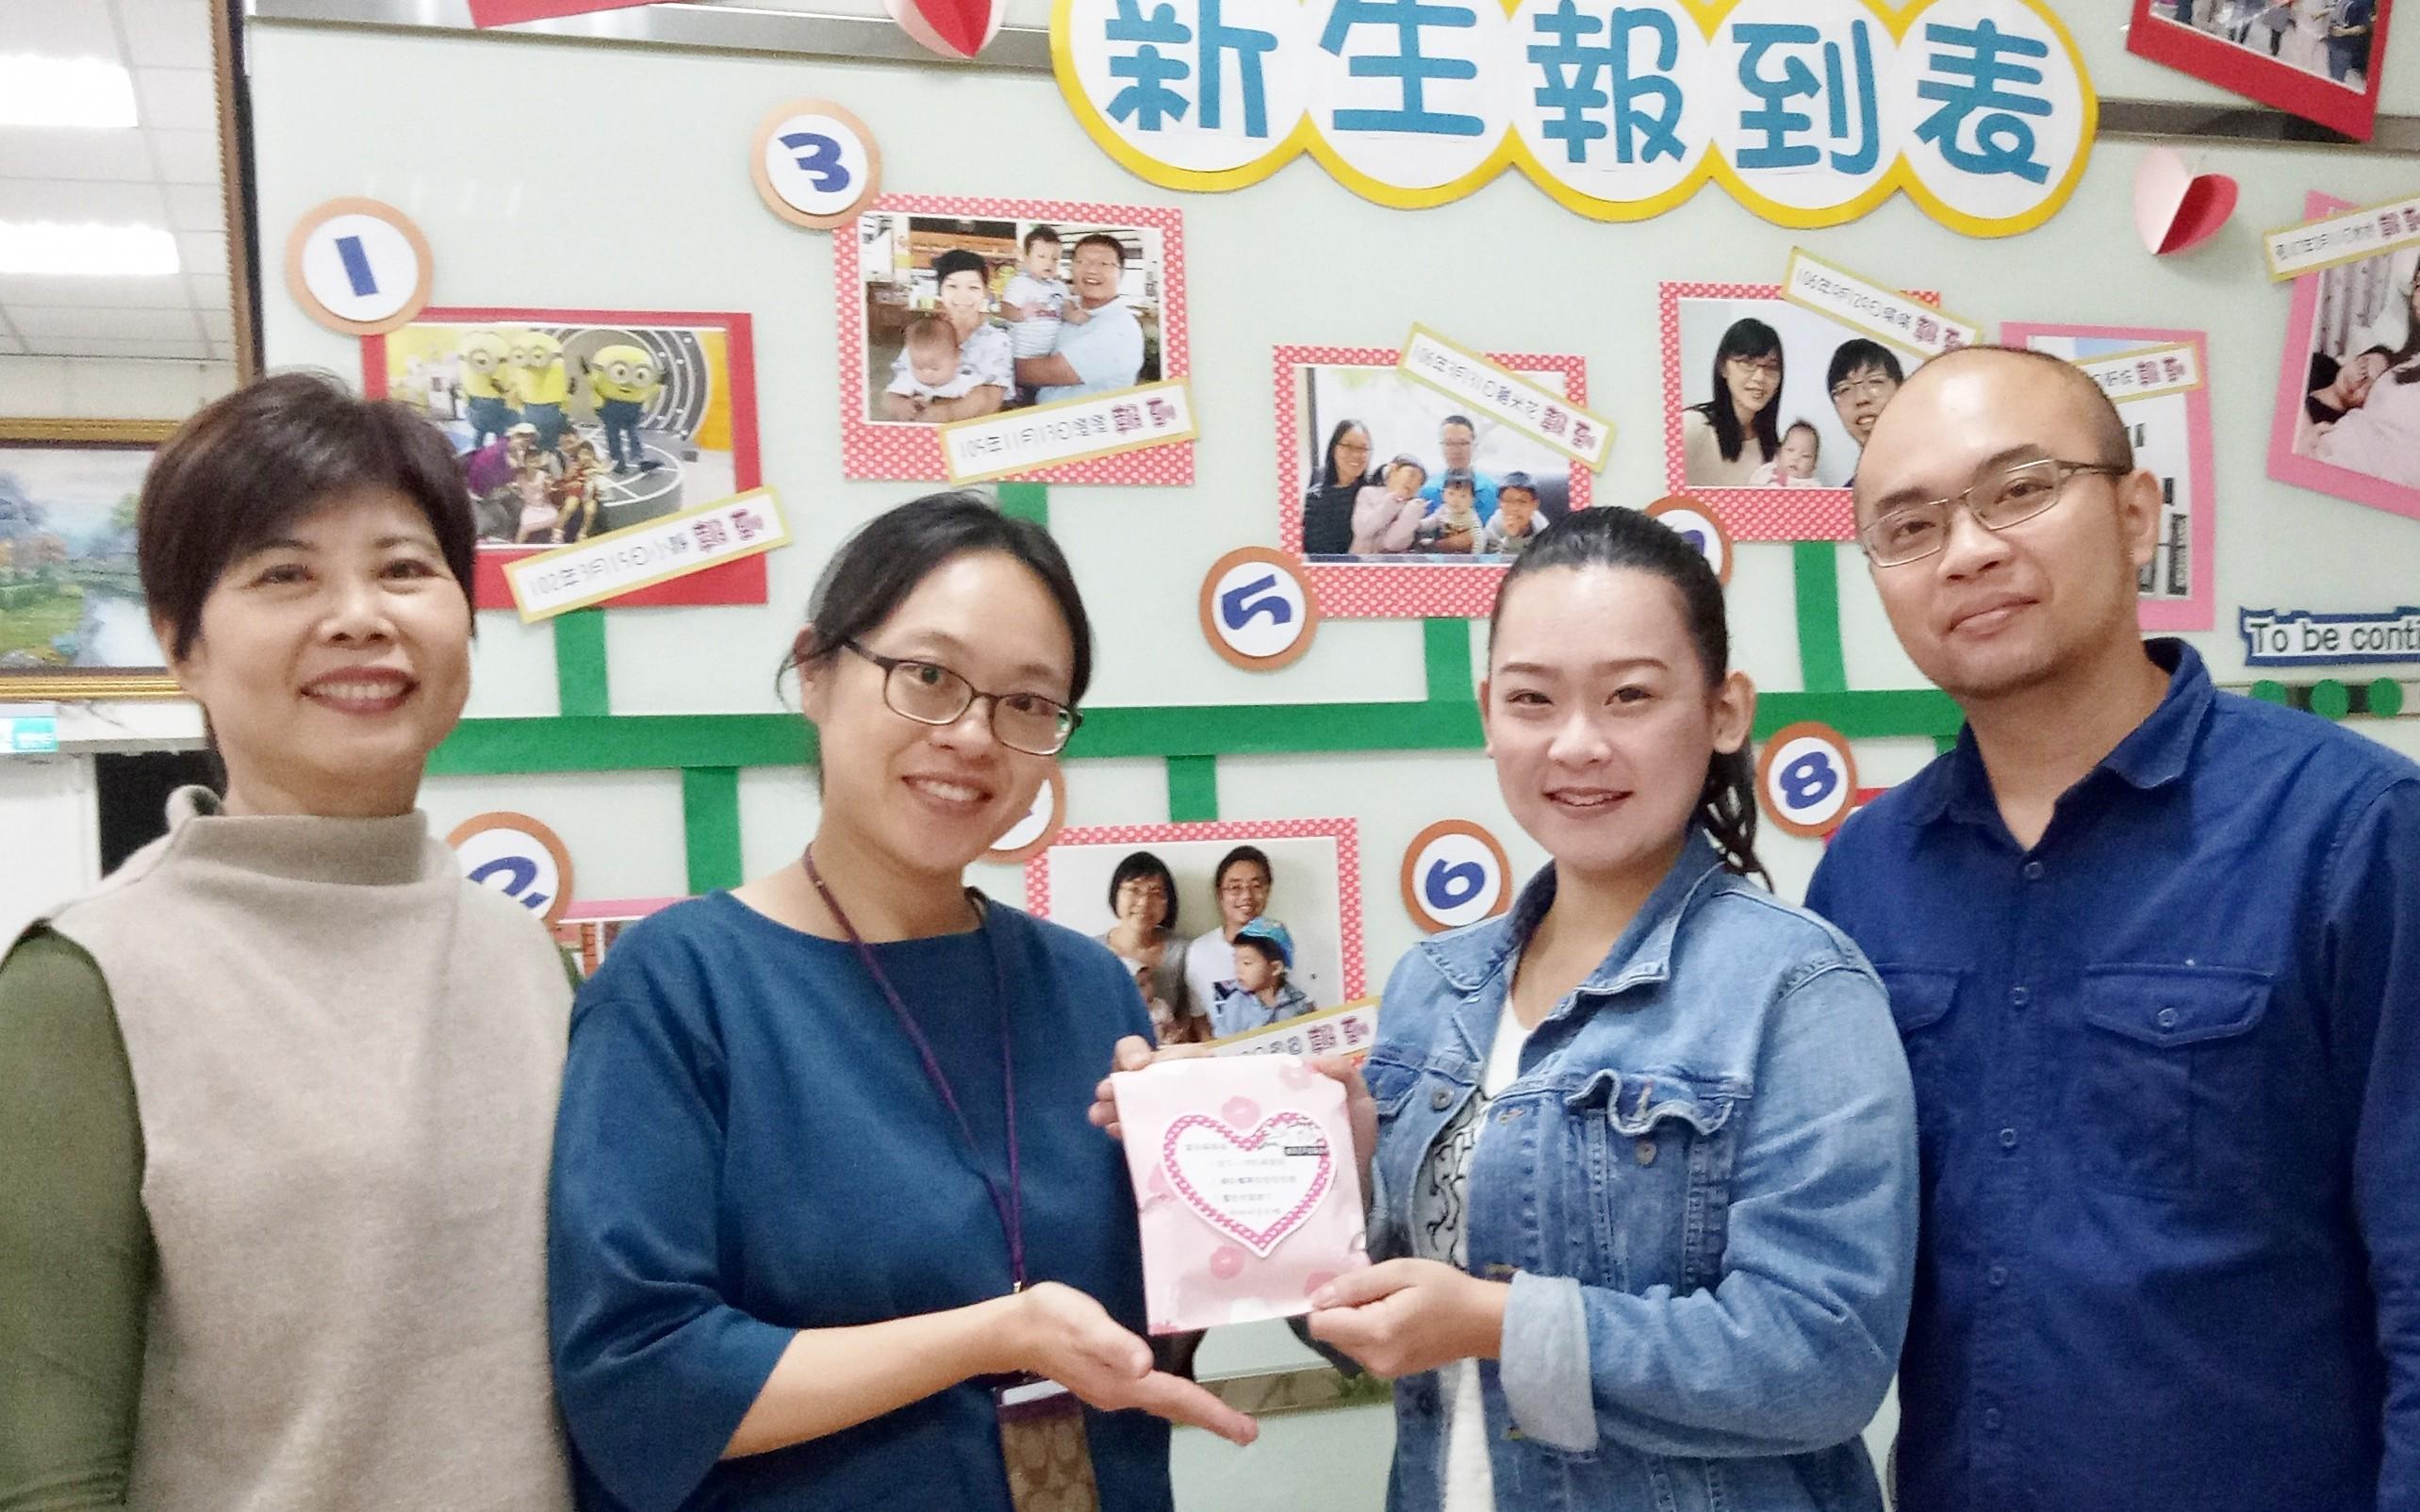 主任許鳳蘭〈左ㄧ〉與剛生完第三胎的戶籍員王儷蓉〈左二〉分享好孕棉給新婚夫妻。